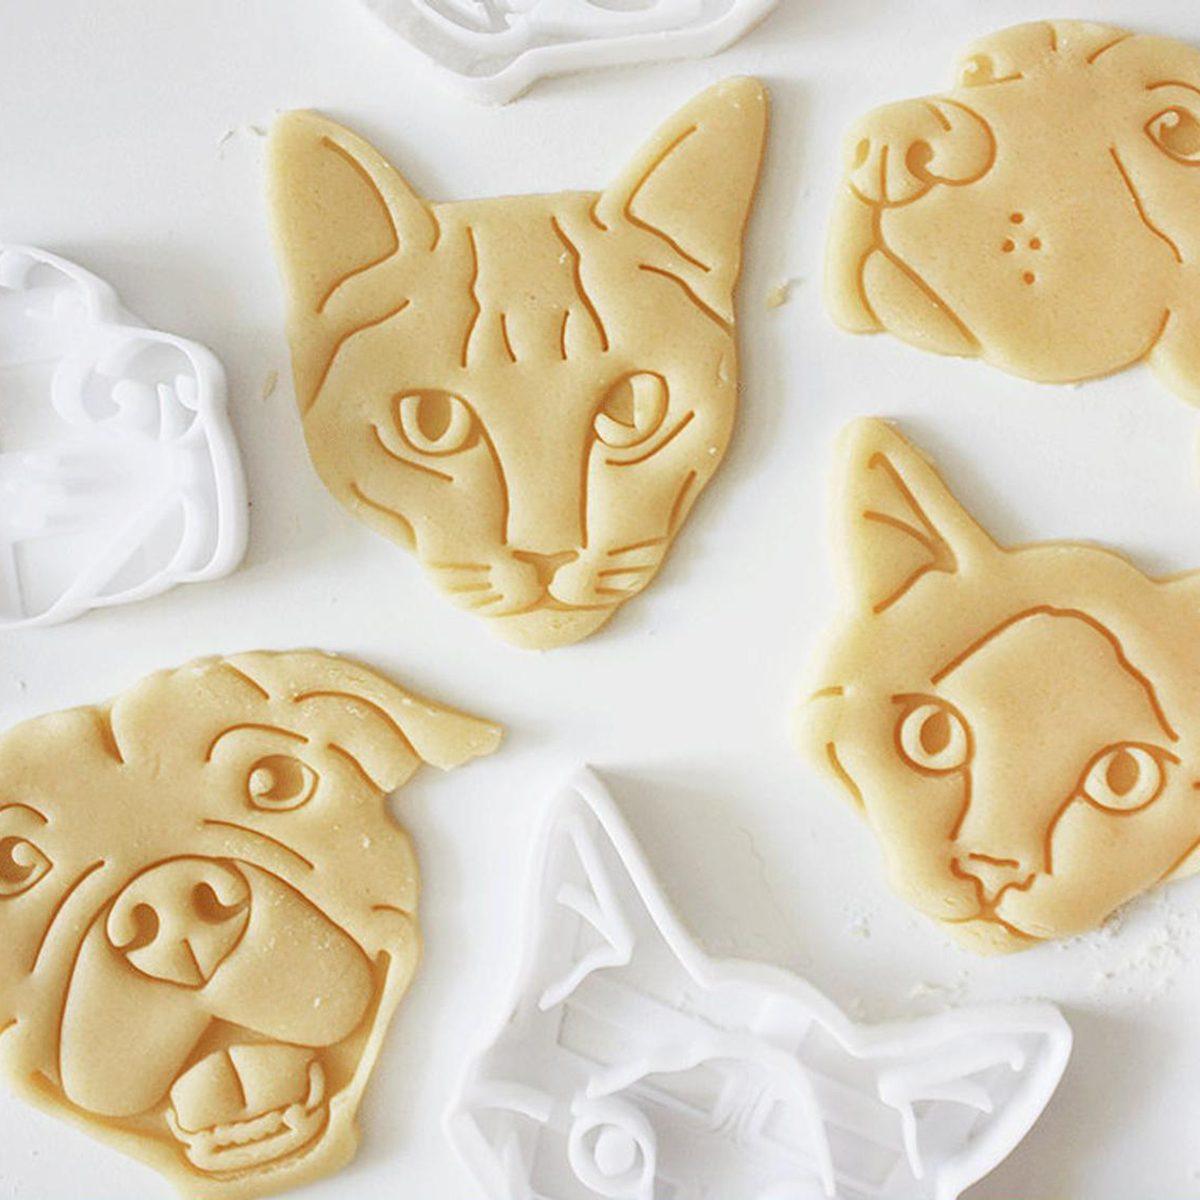 Custom Pet Portrait Cookie Cutter l Personalized cutters l Custom Cookie Cutter l Cat Dog Face l 3D printed